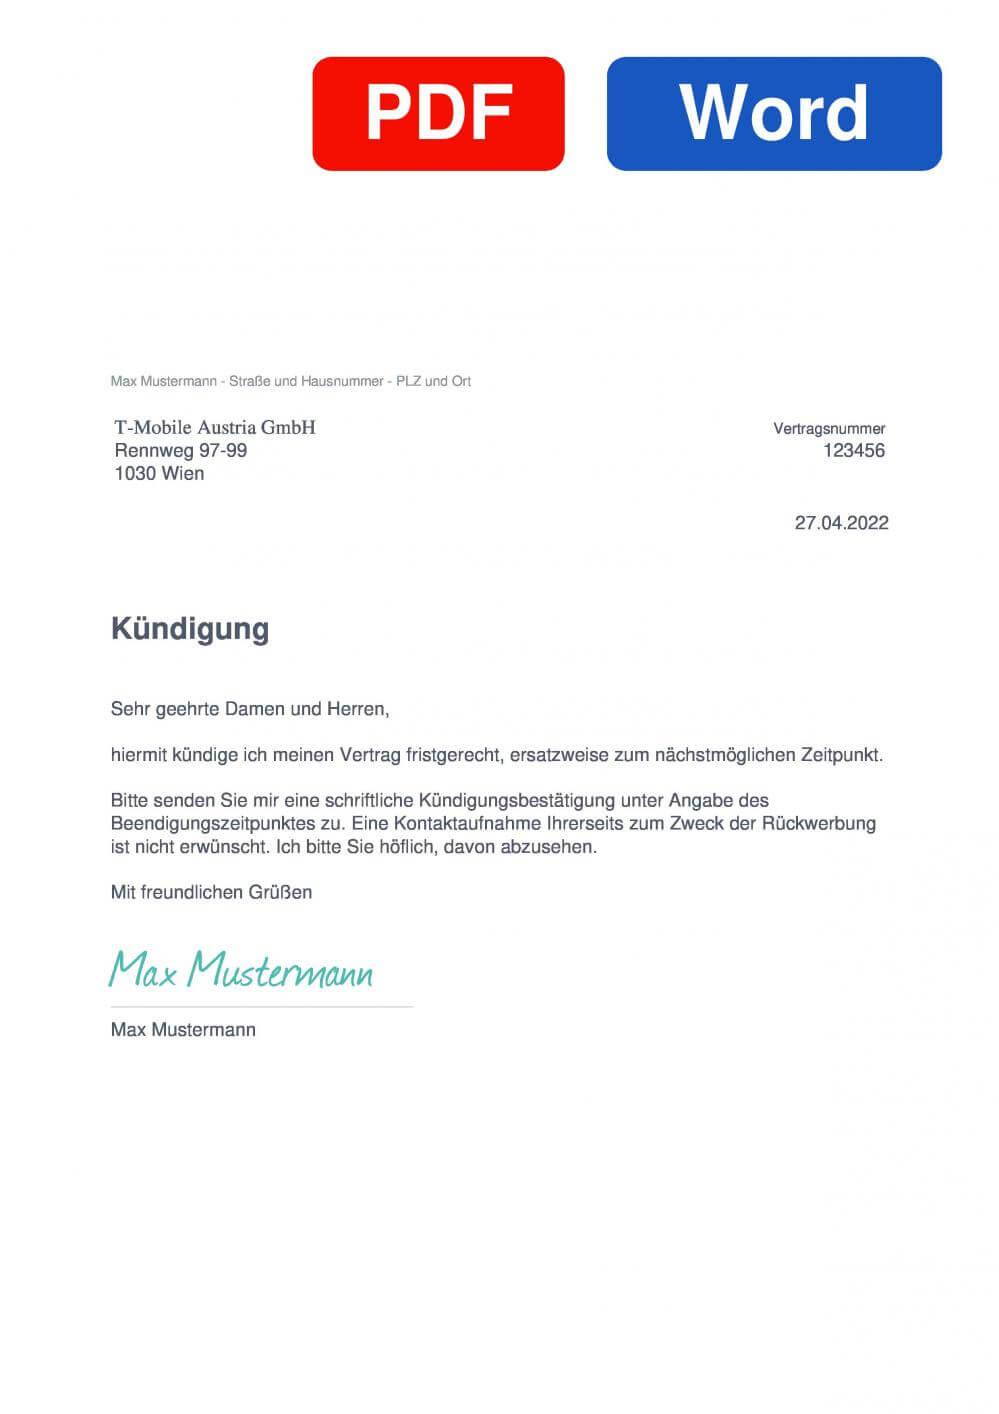 Telering Muster Vorlage für Kündigungsschreiben